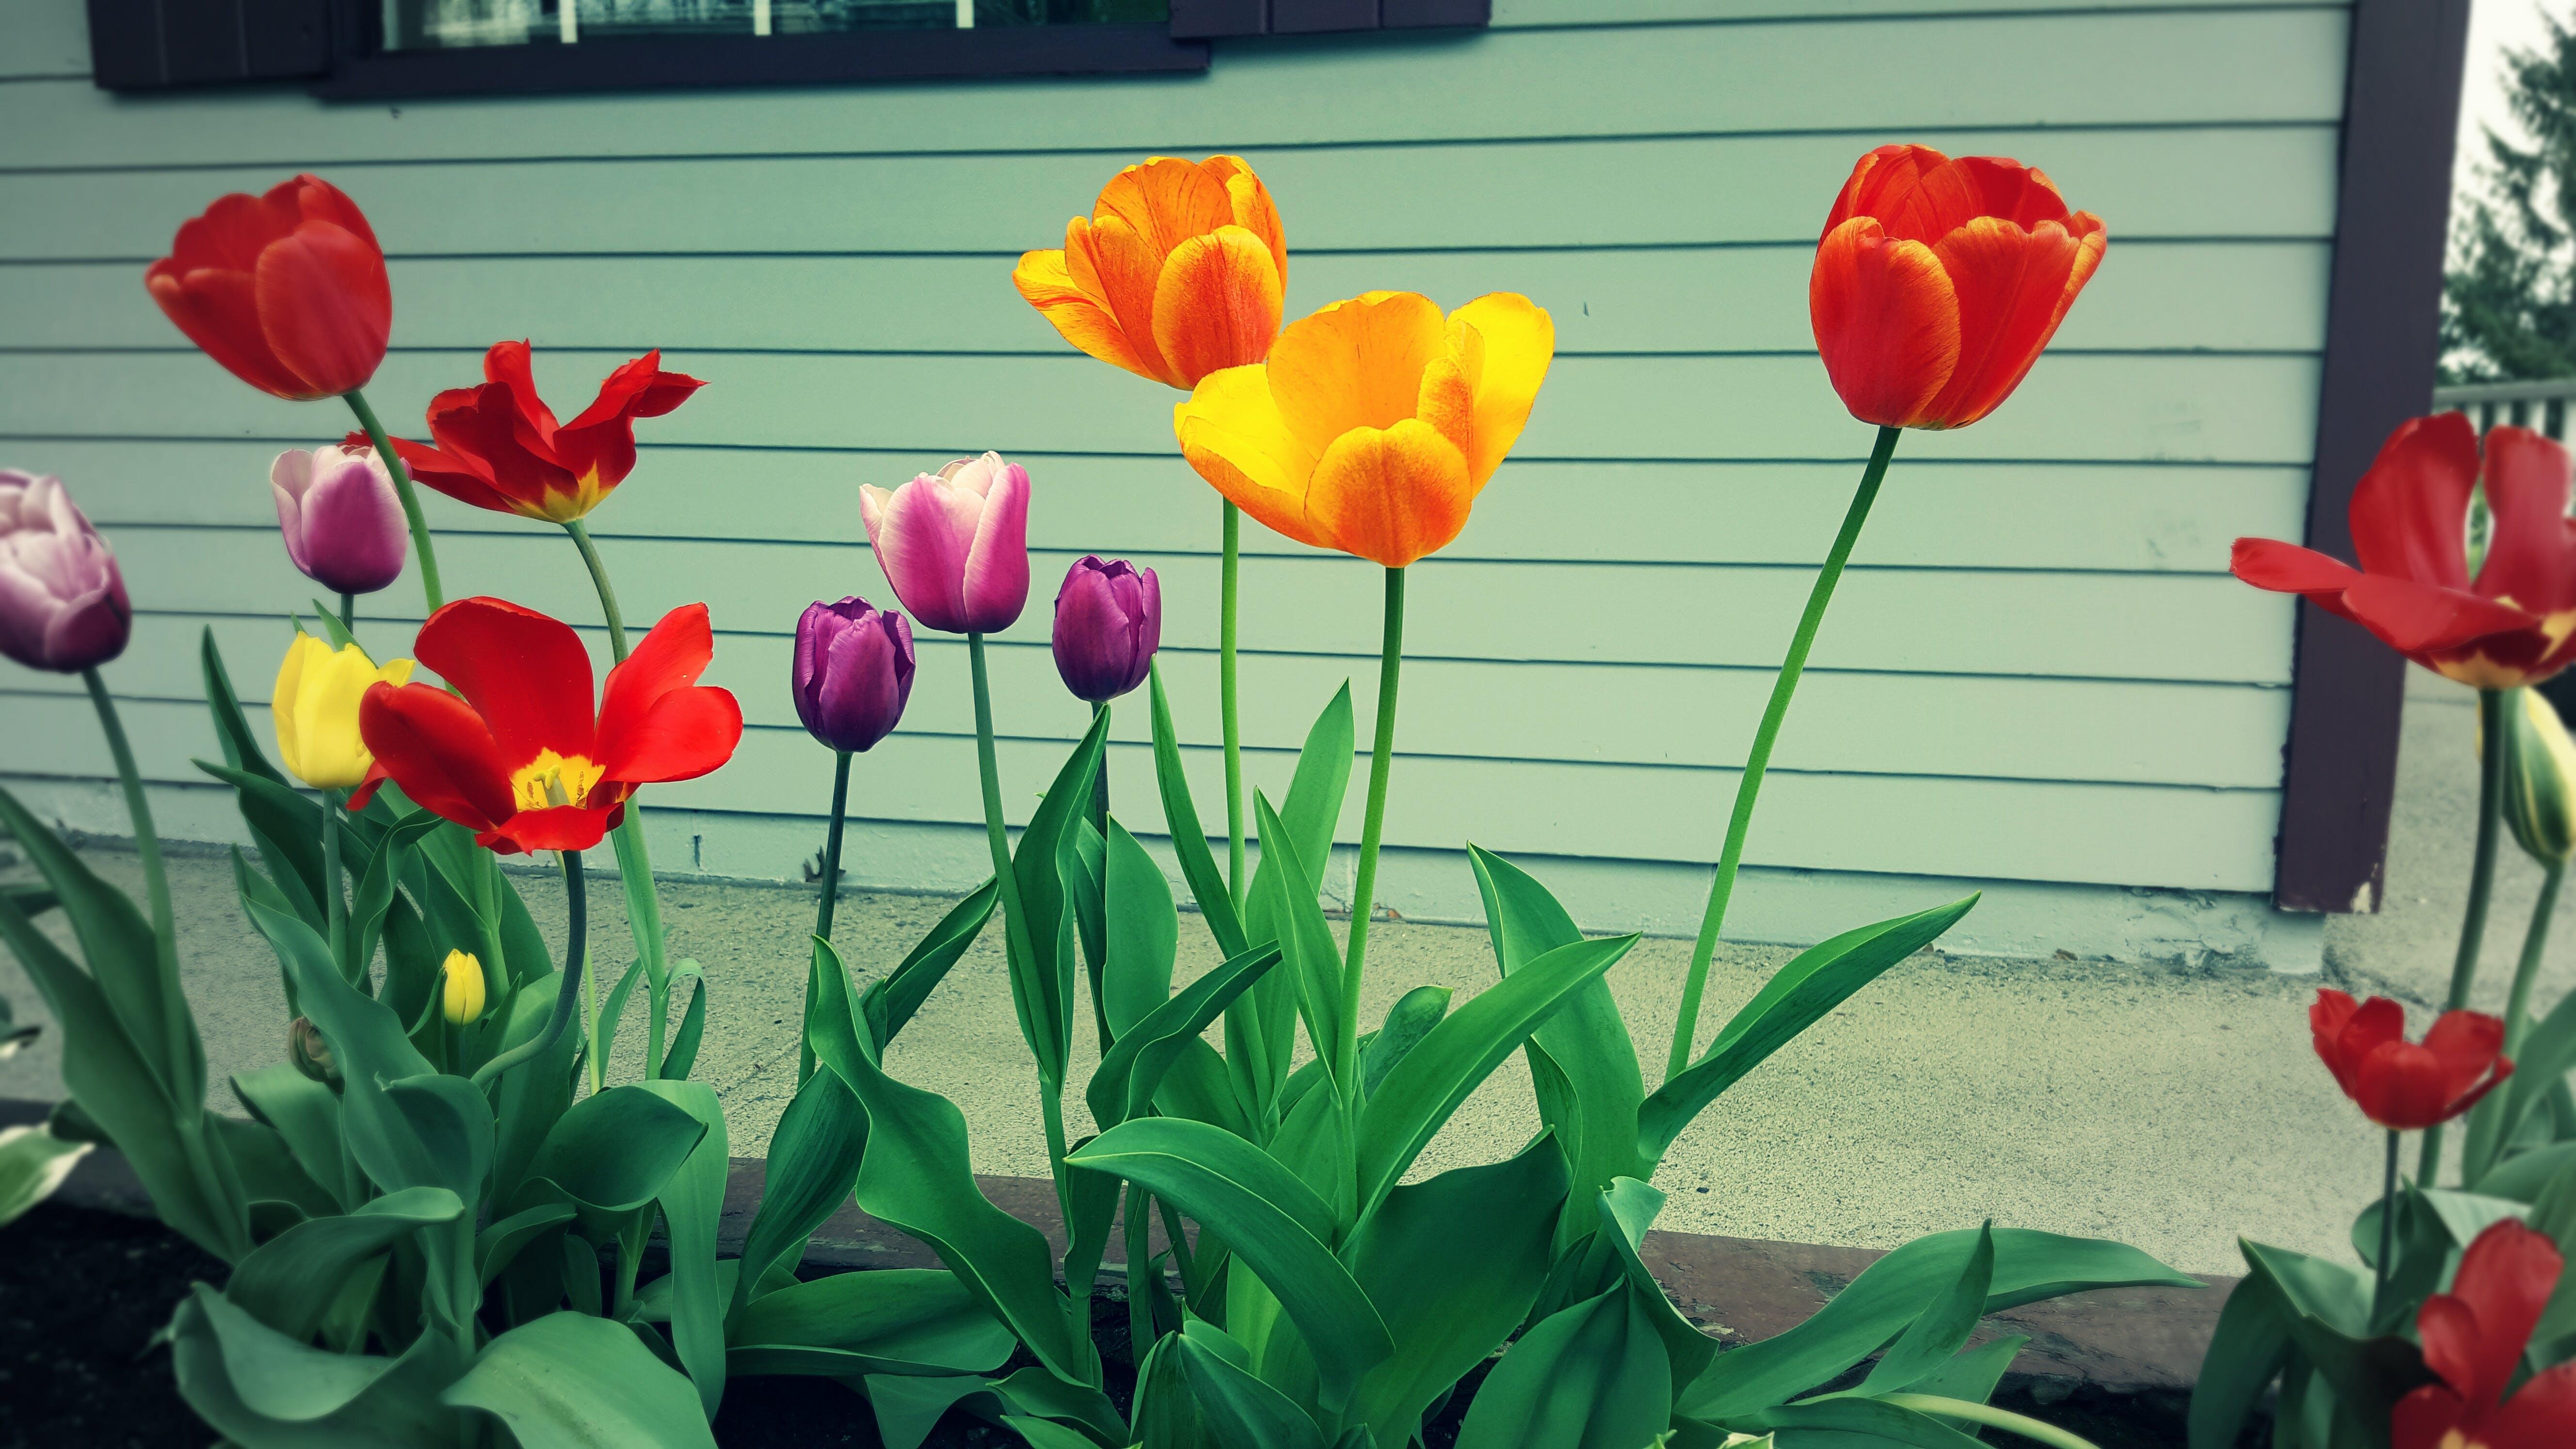 Kostenloses Stock Foto zu farben, grün, landschaft, pflanzen